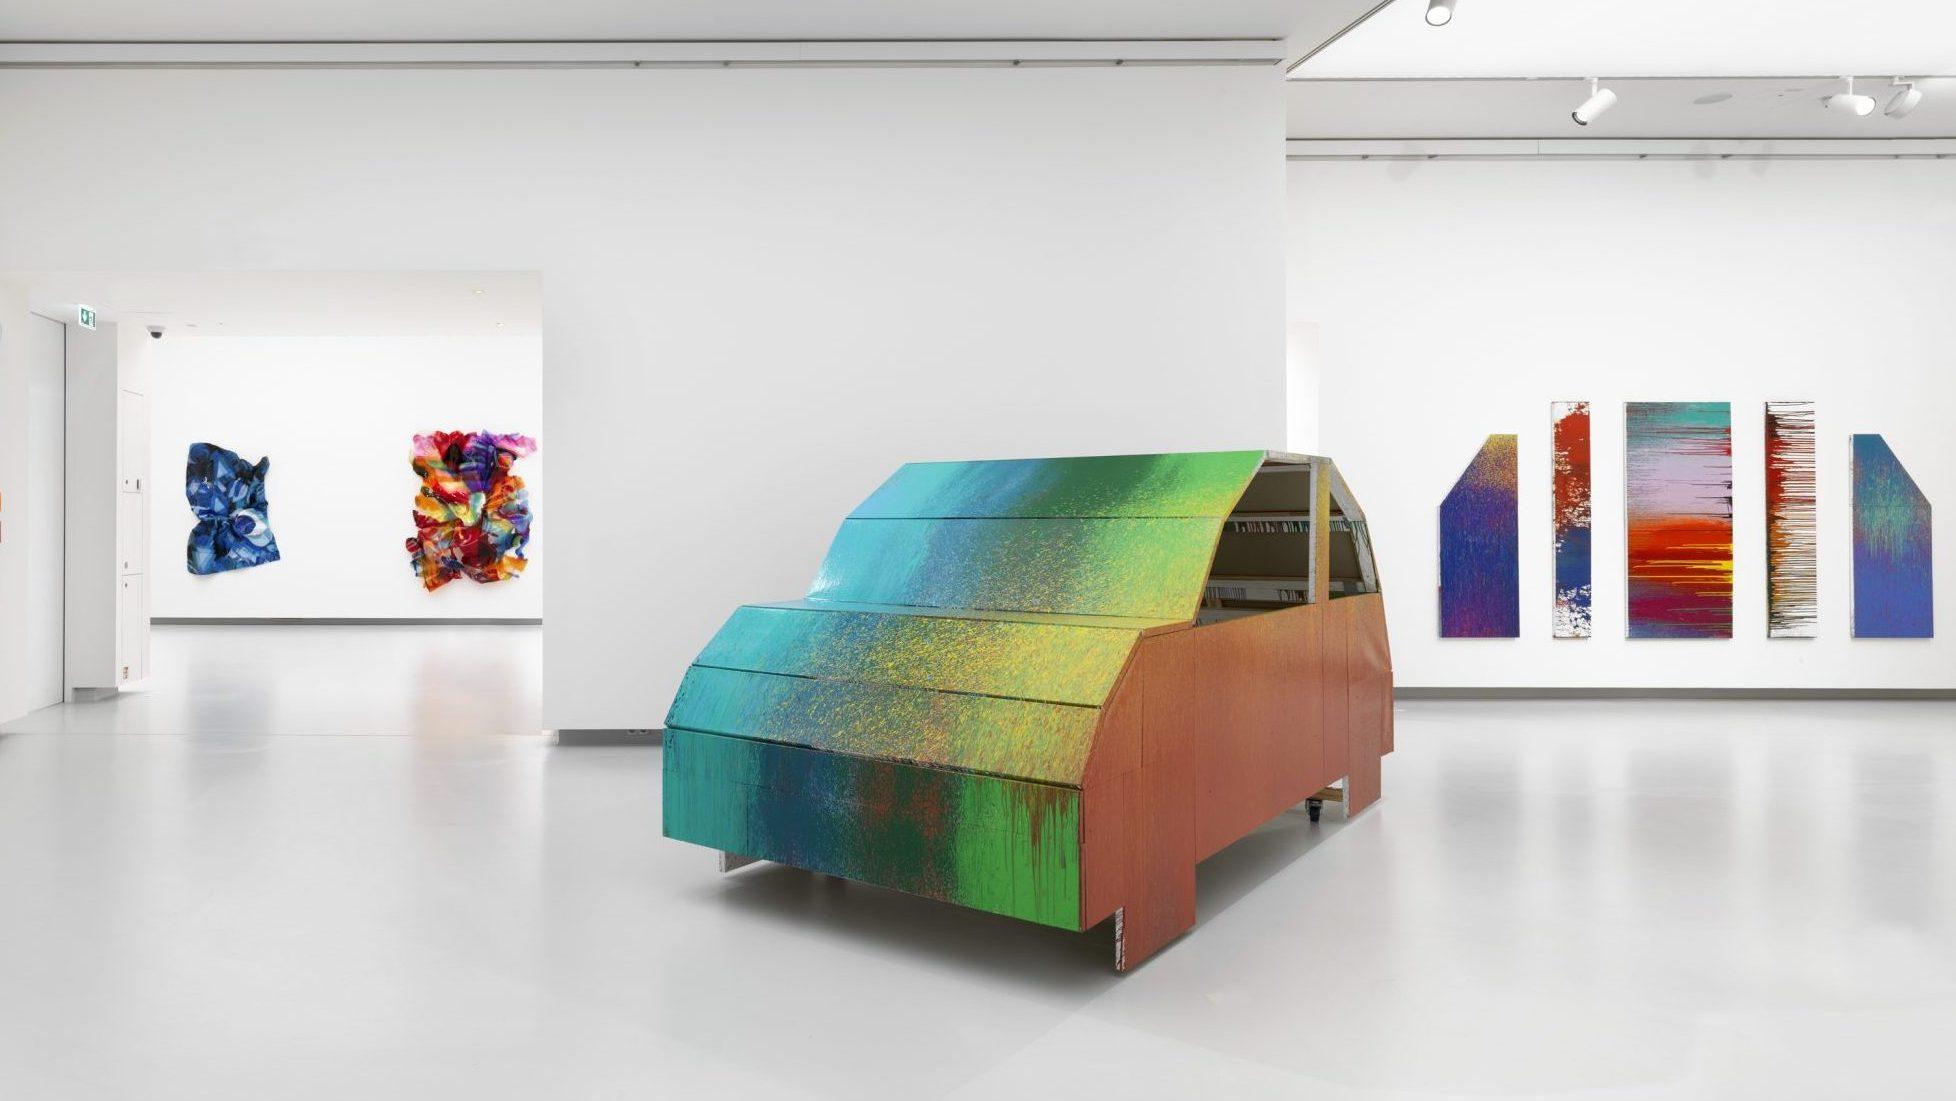 Blick in die Ausstellung DANIEL KNORR. WE MAKE IT HAPPEN in der Kunsthalle Tübingen. Foto: Bernd Borchardt. Für die Werke Daniel Knorrs gilt: © VG Bild-Kunst, Bonn 2020